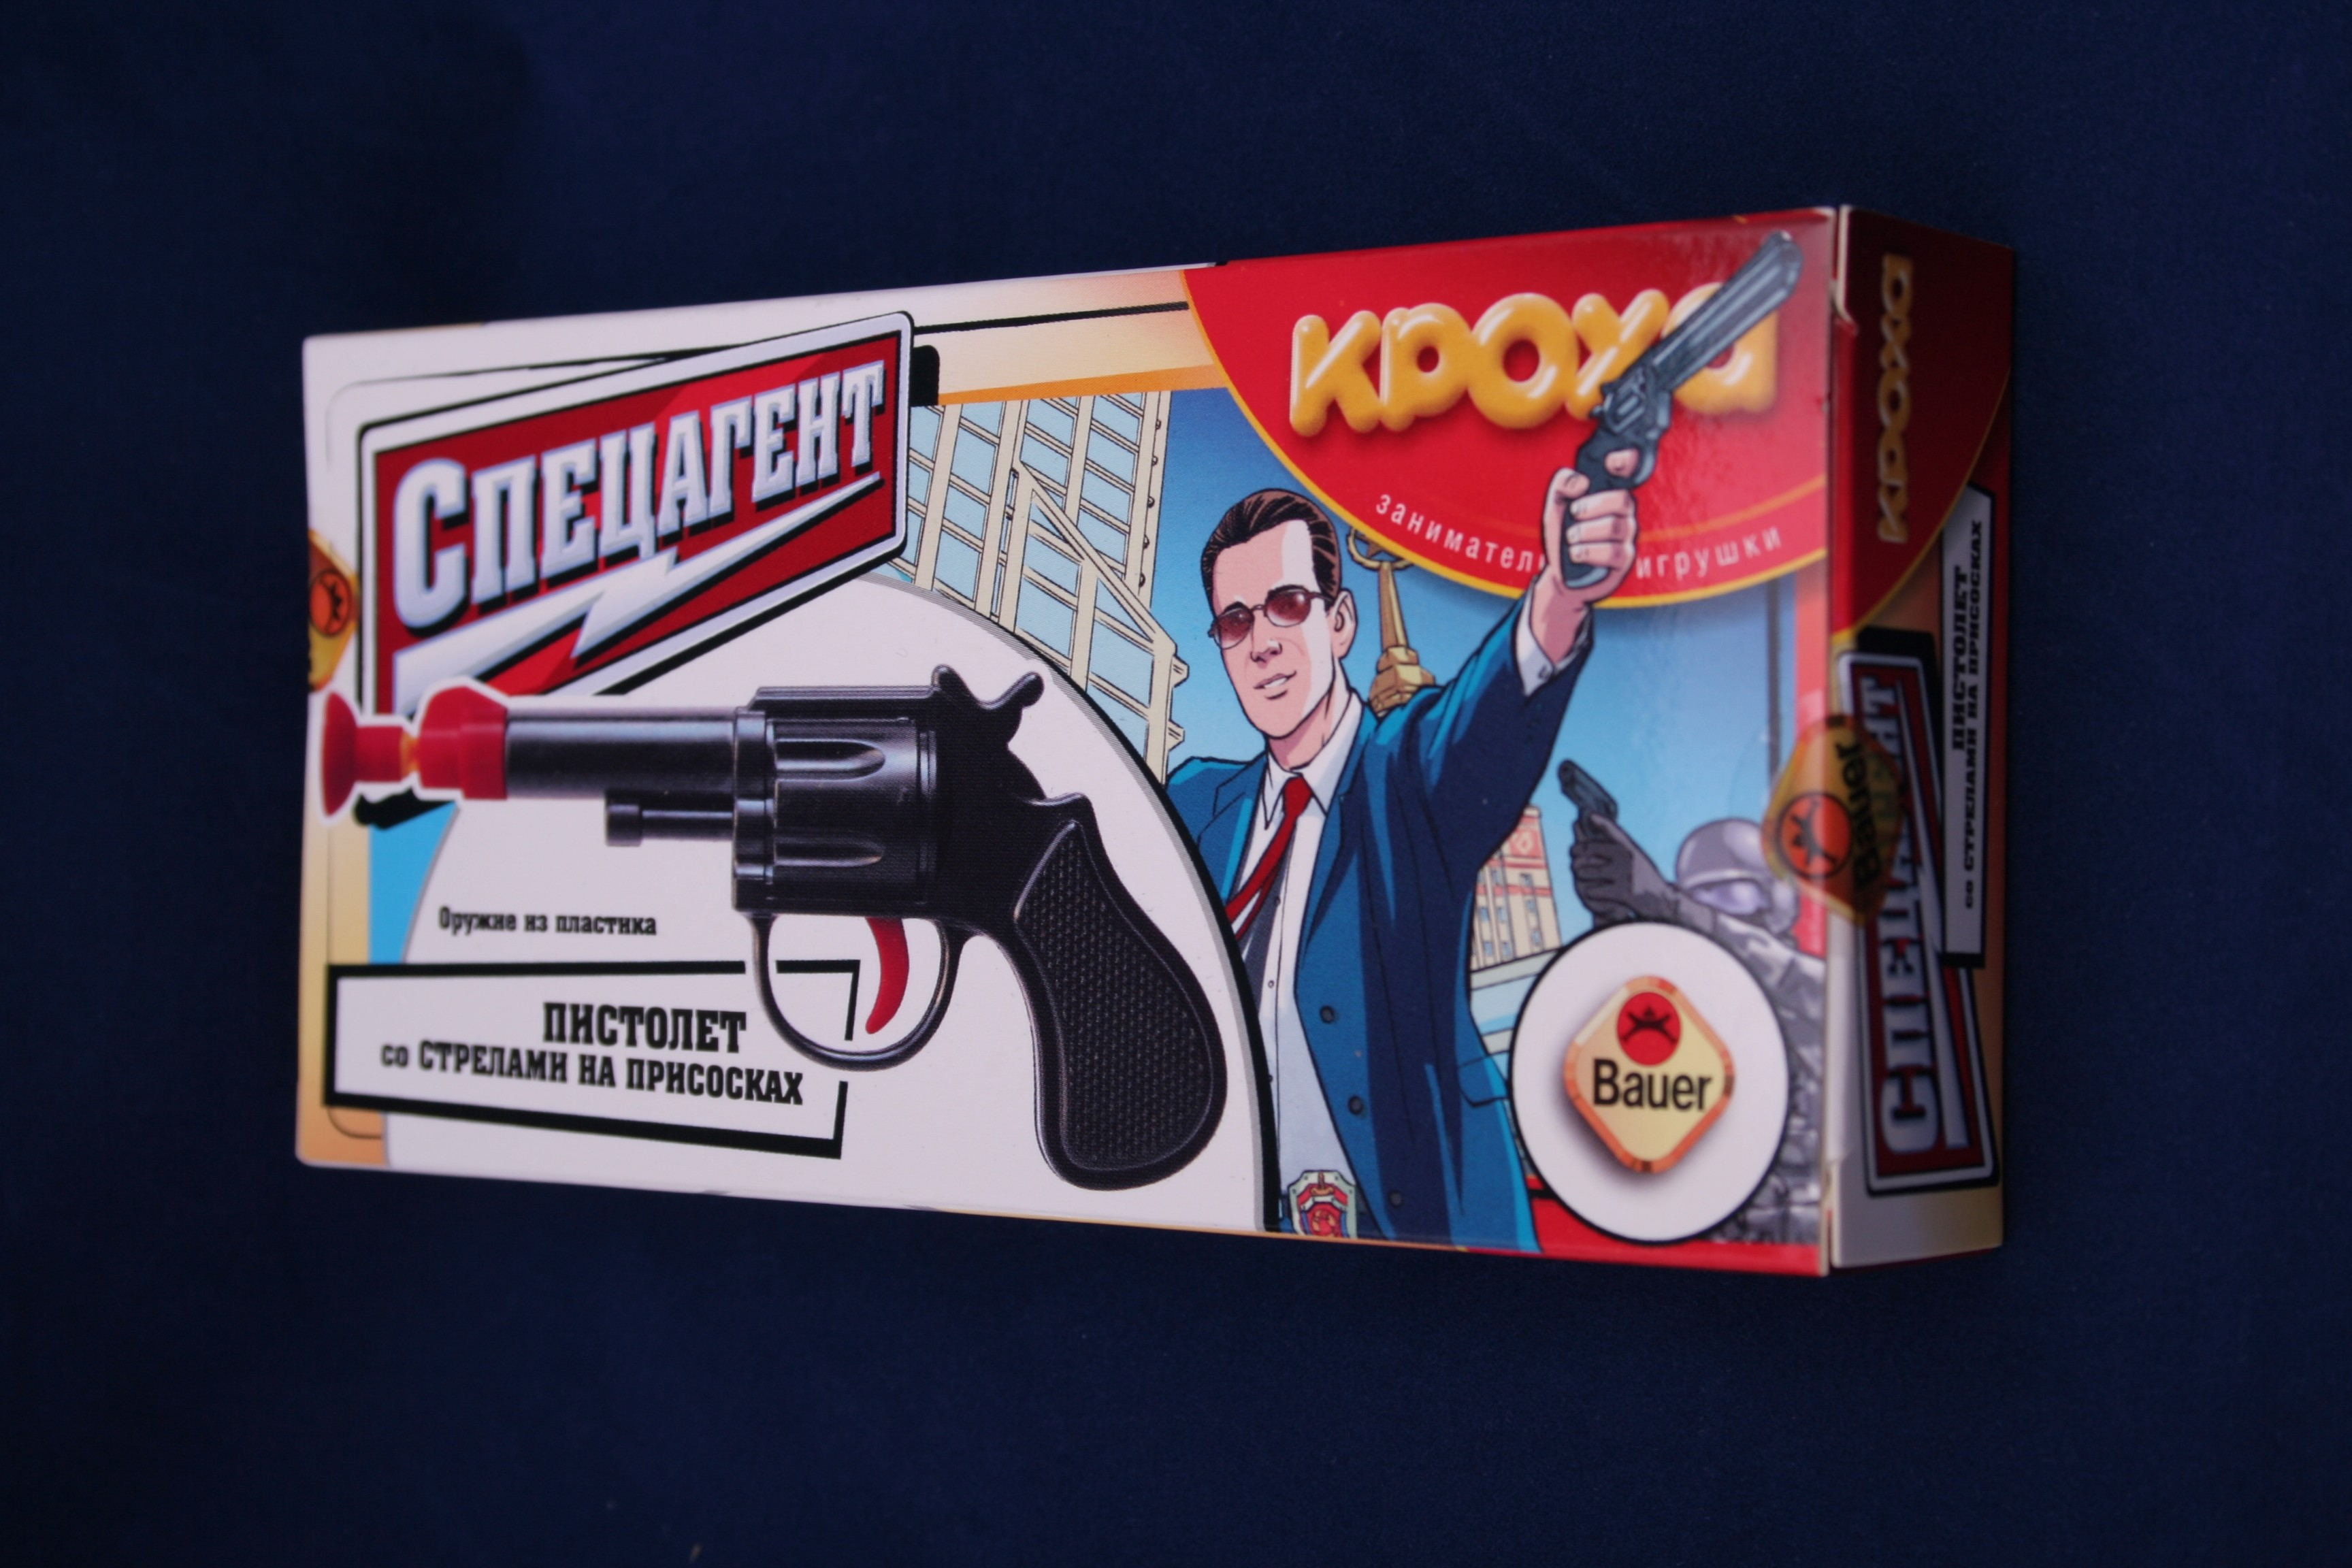 Игровые наборы Профессия Bauer Спецагент в коробке с тремя стрелами игрушка пистолет спецагент со стрелами на присосках